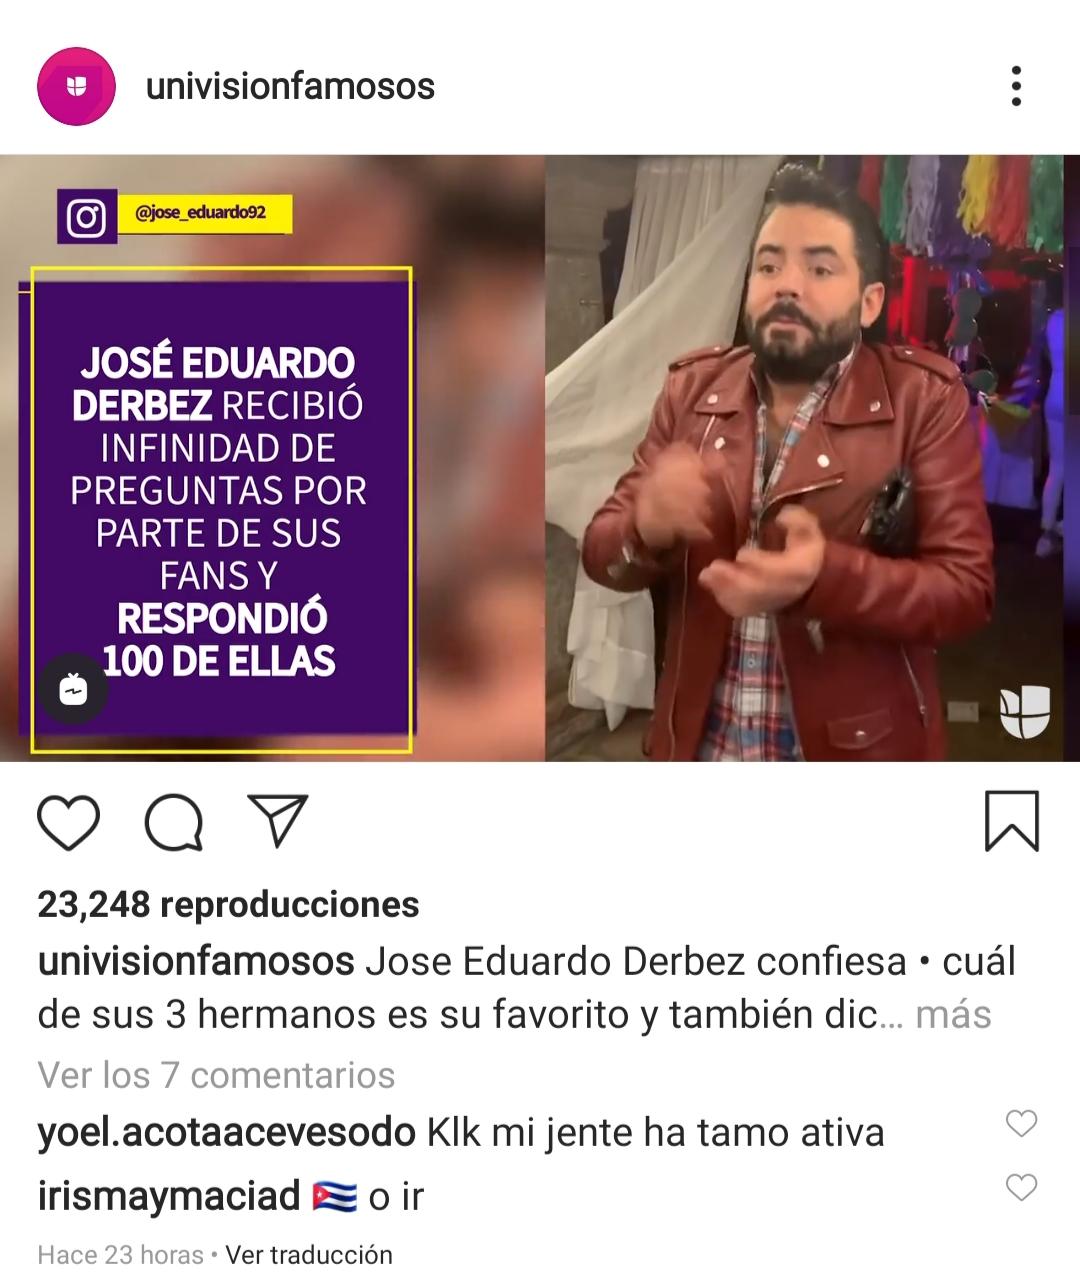 José Eduardo Derbez hijo de Eugenio Derbez